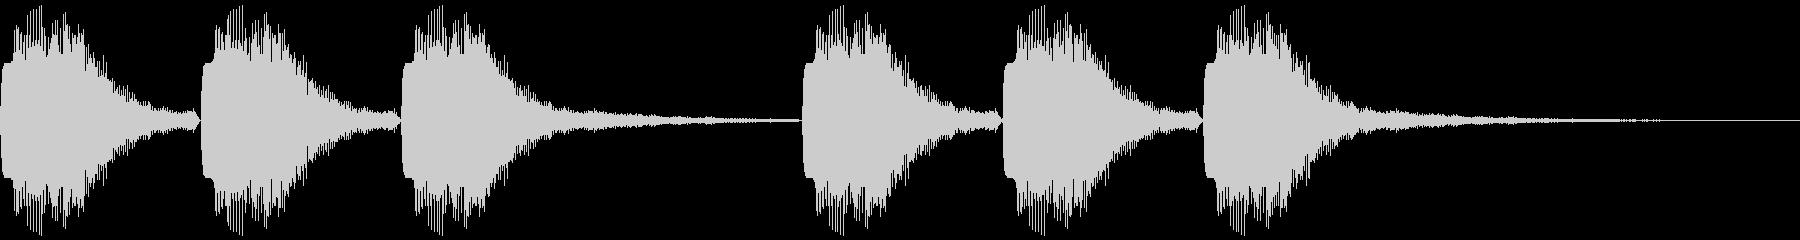 未来的・近代的な通知音の未再生の波形